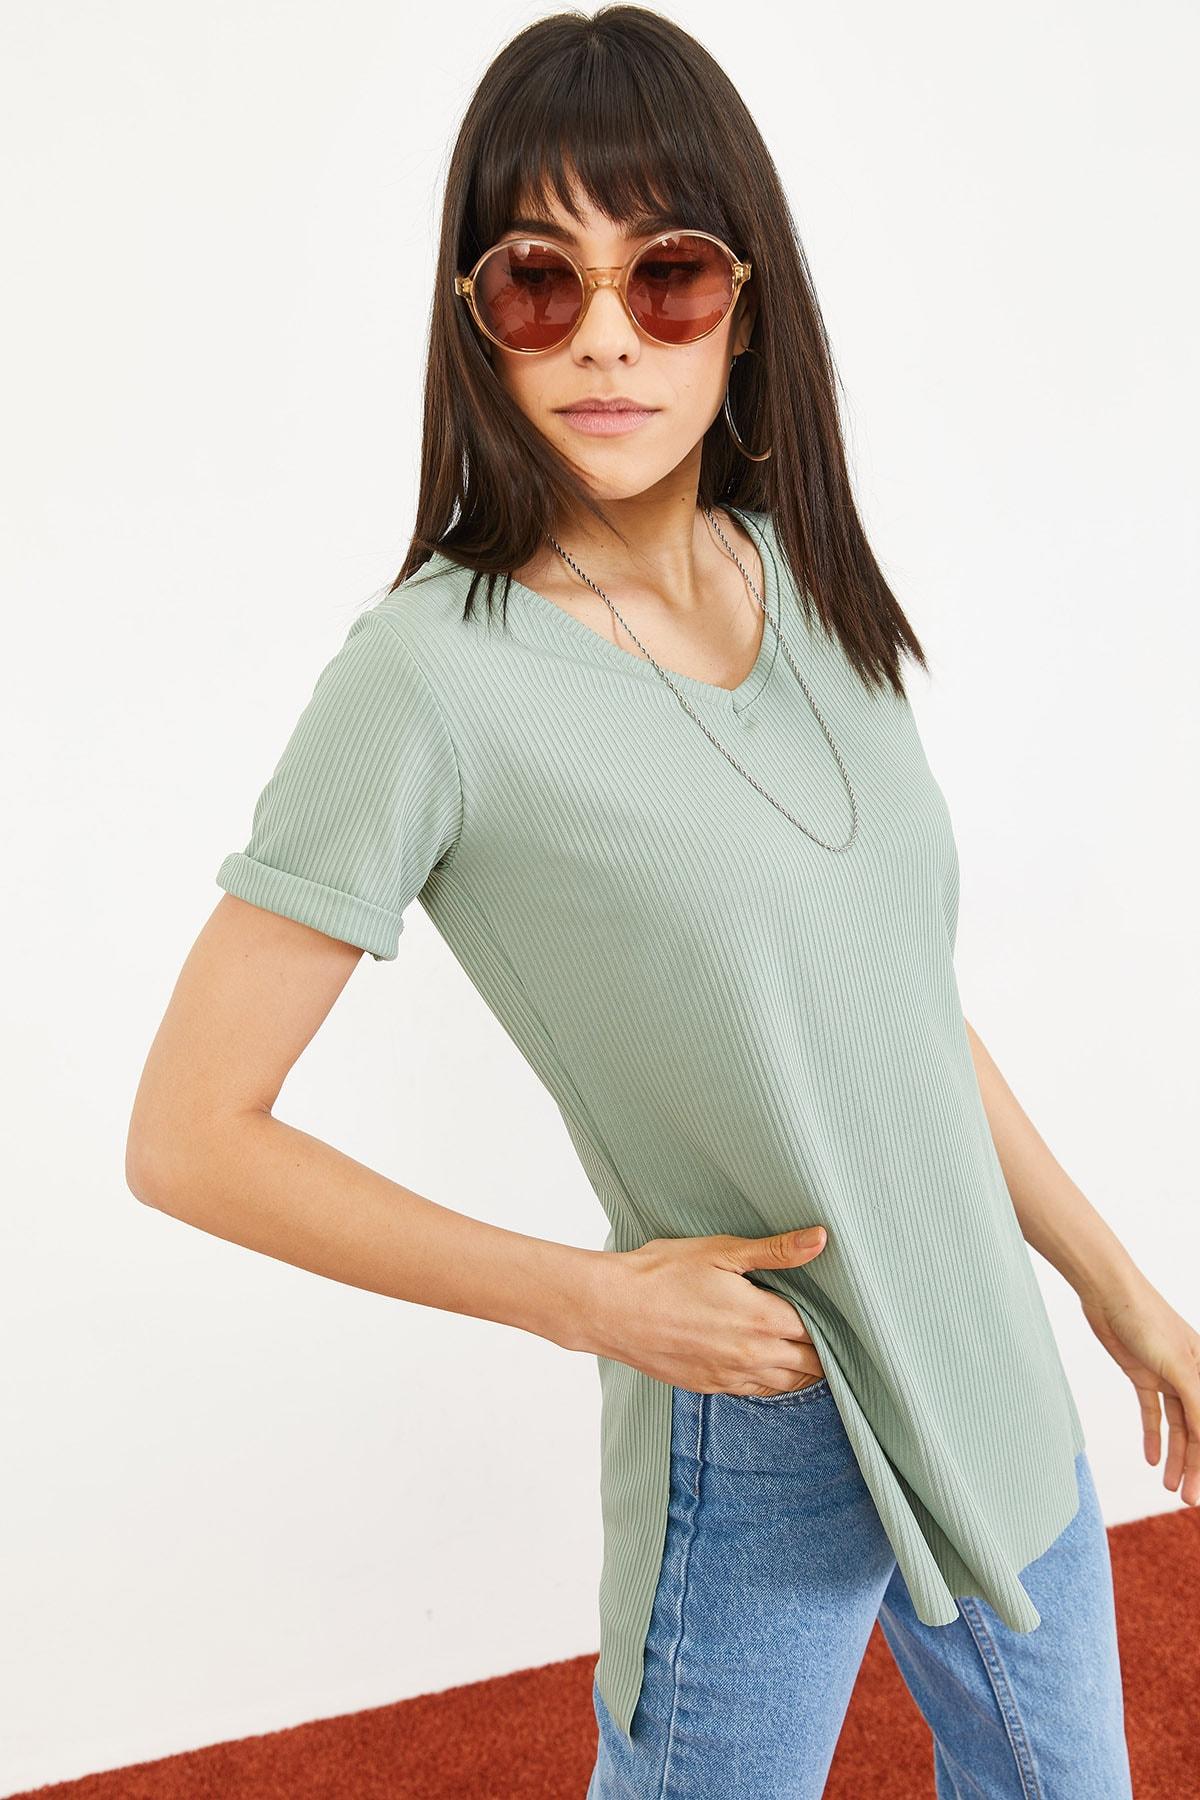 Bianco Lucci Kadın Mint Yeşili Kol Yan Yırtmaçlı Kol Detay Kaşkorse T-Shirt 10051012 2